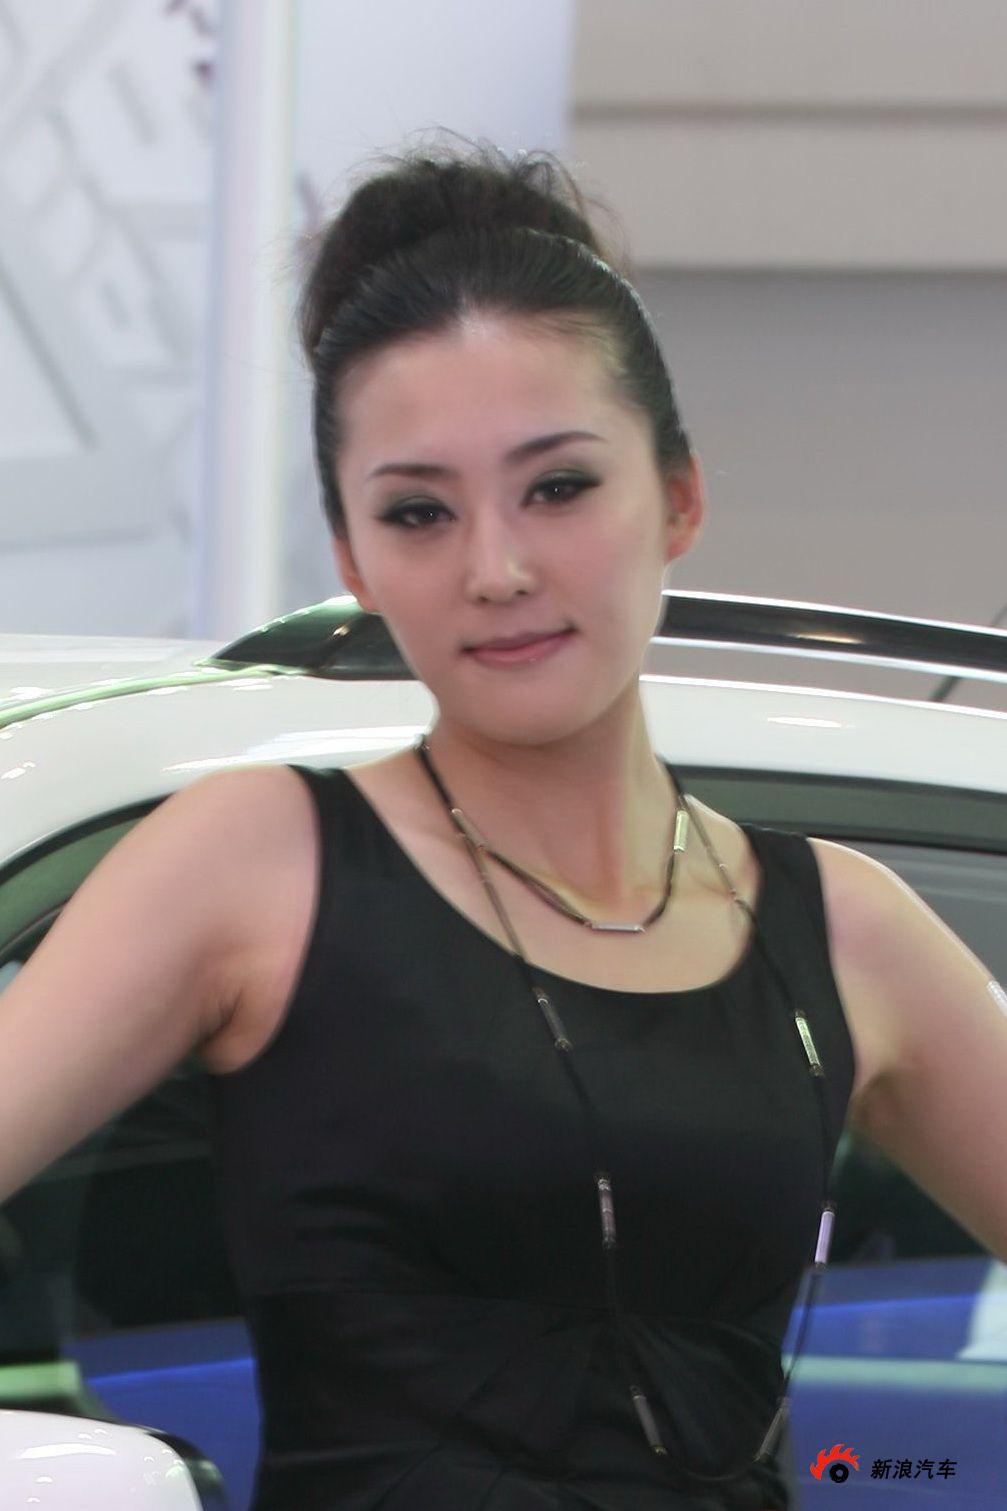 永源展台4号模特